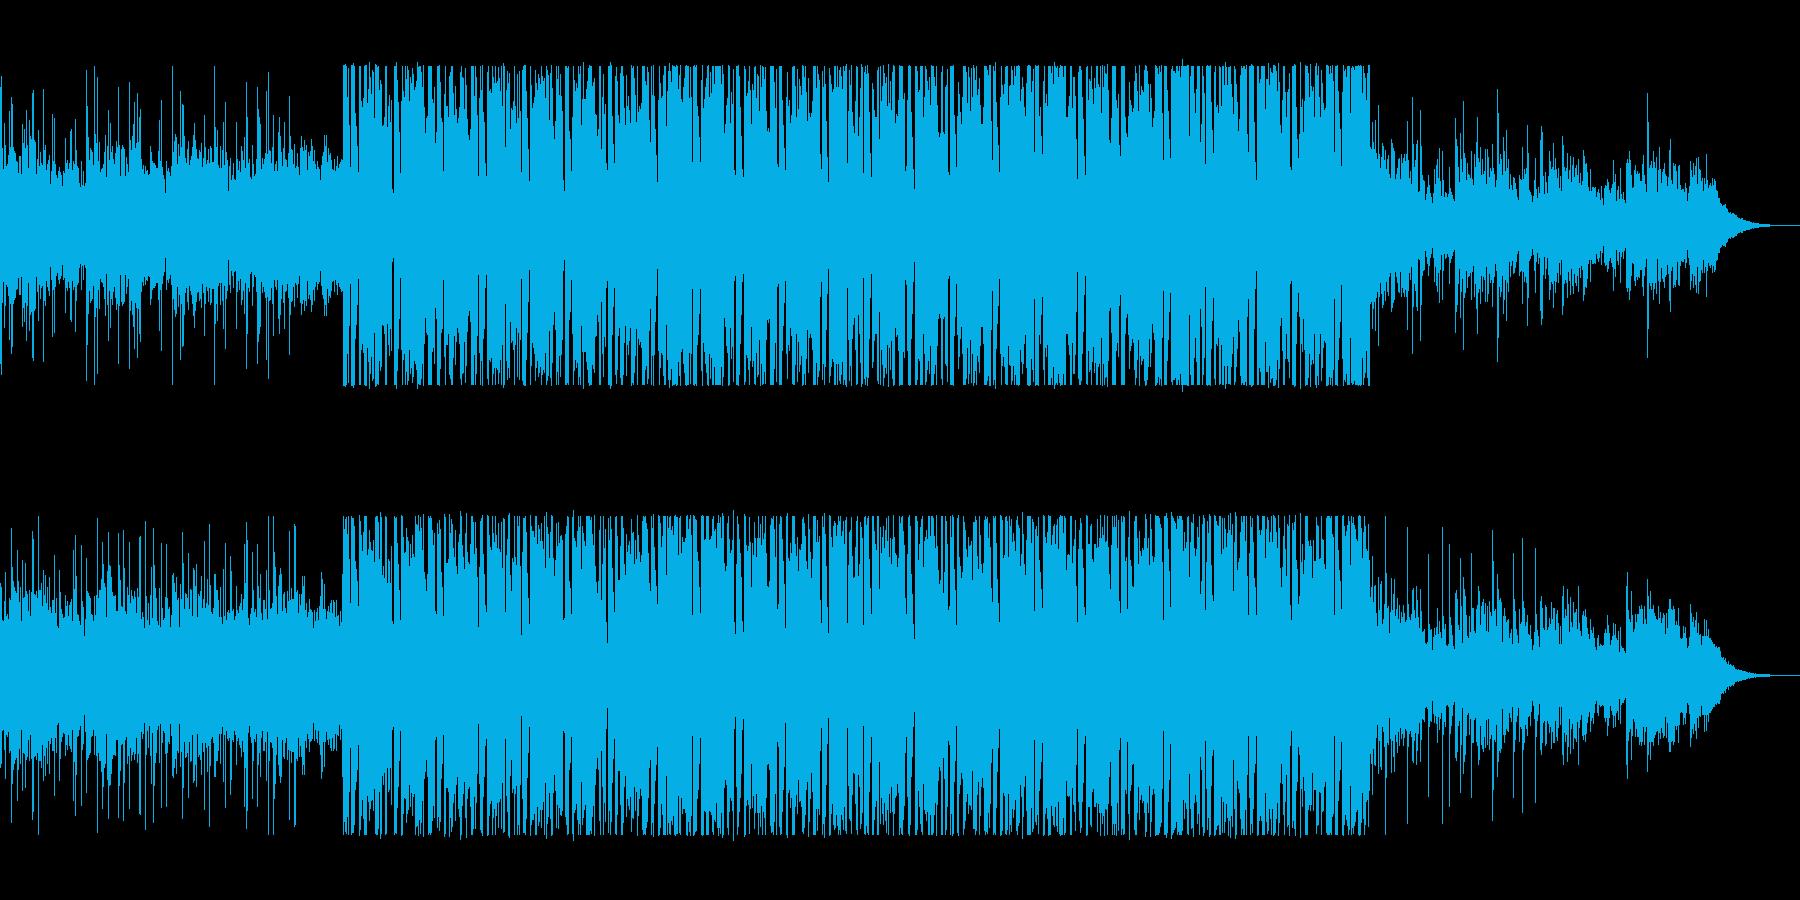 まるで宇宙のような壮大さを感じる曲の再生済みの波形